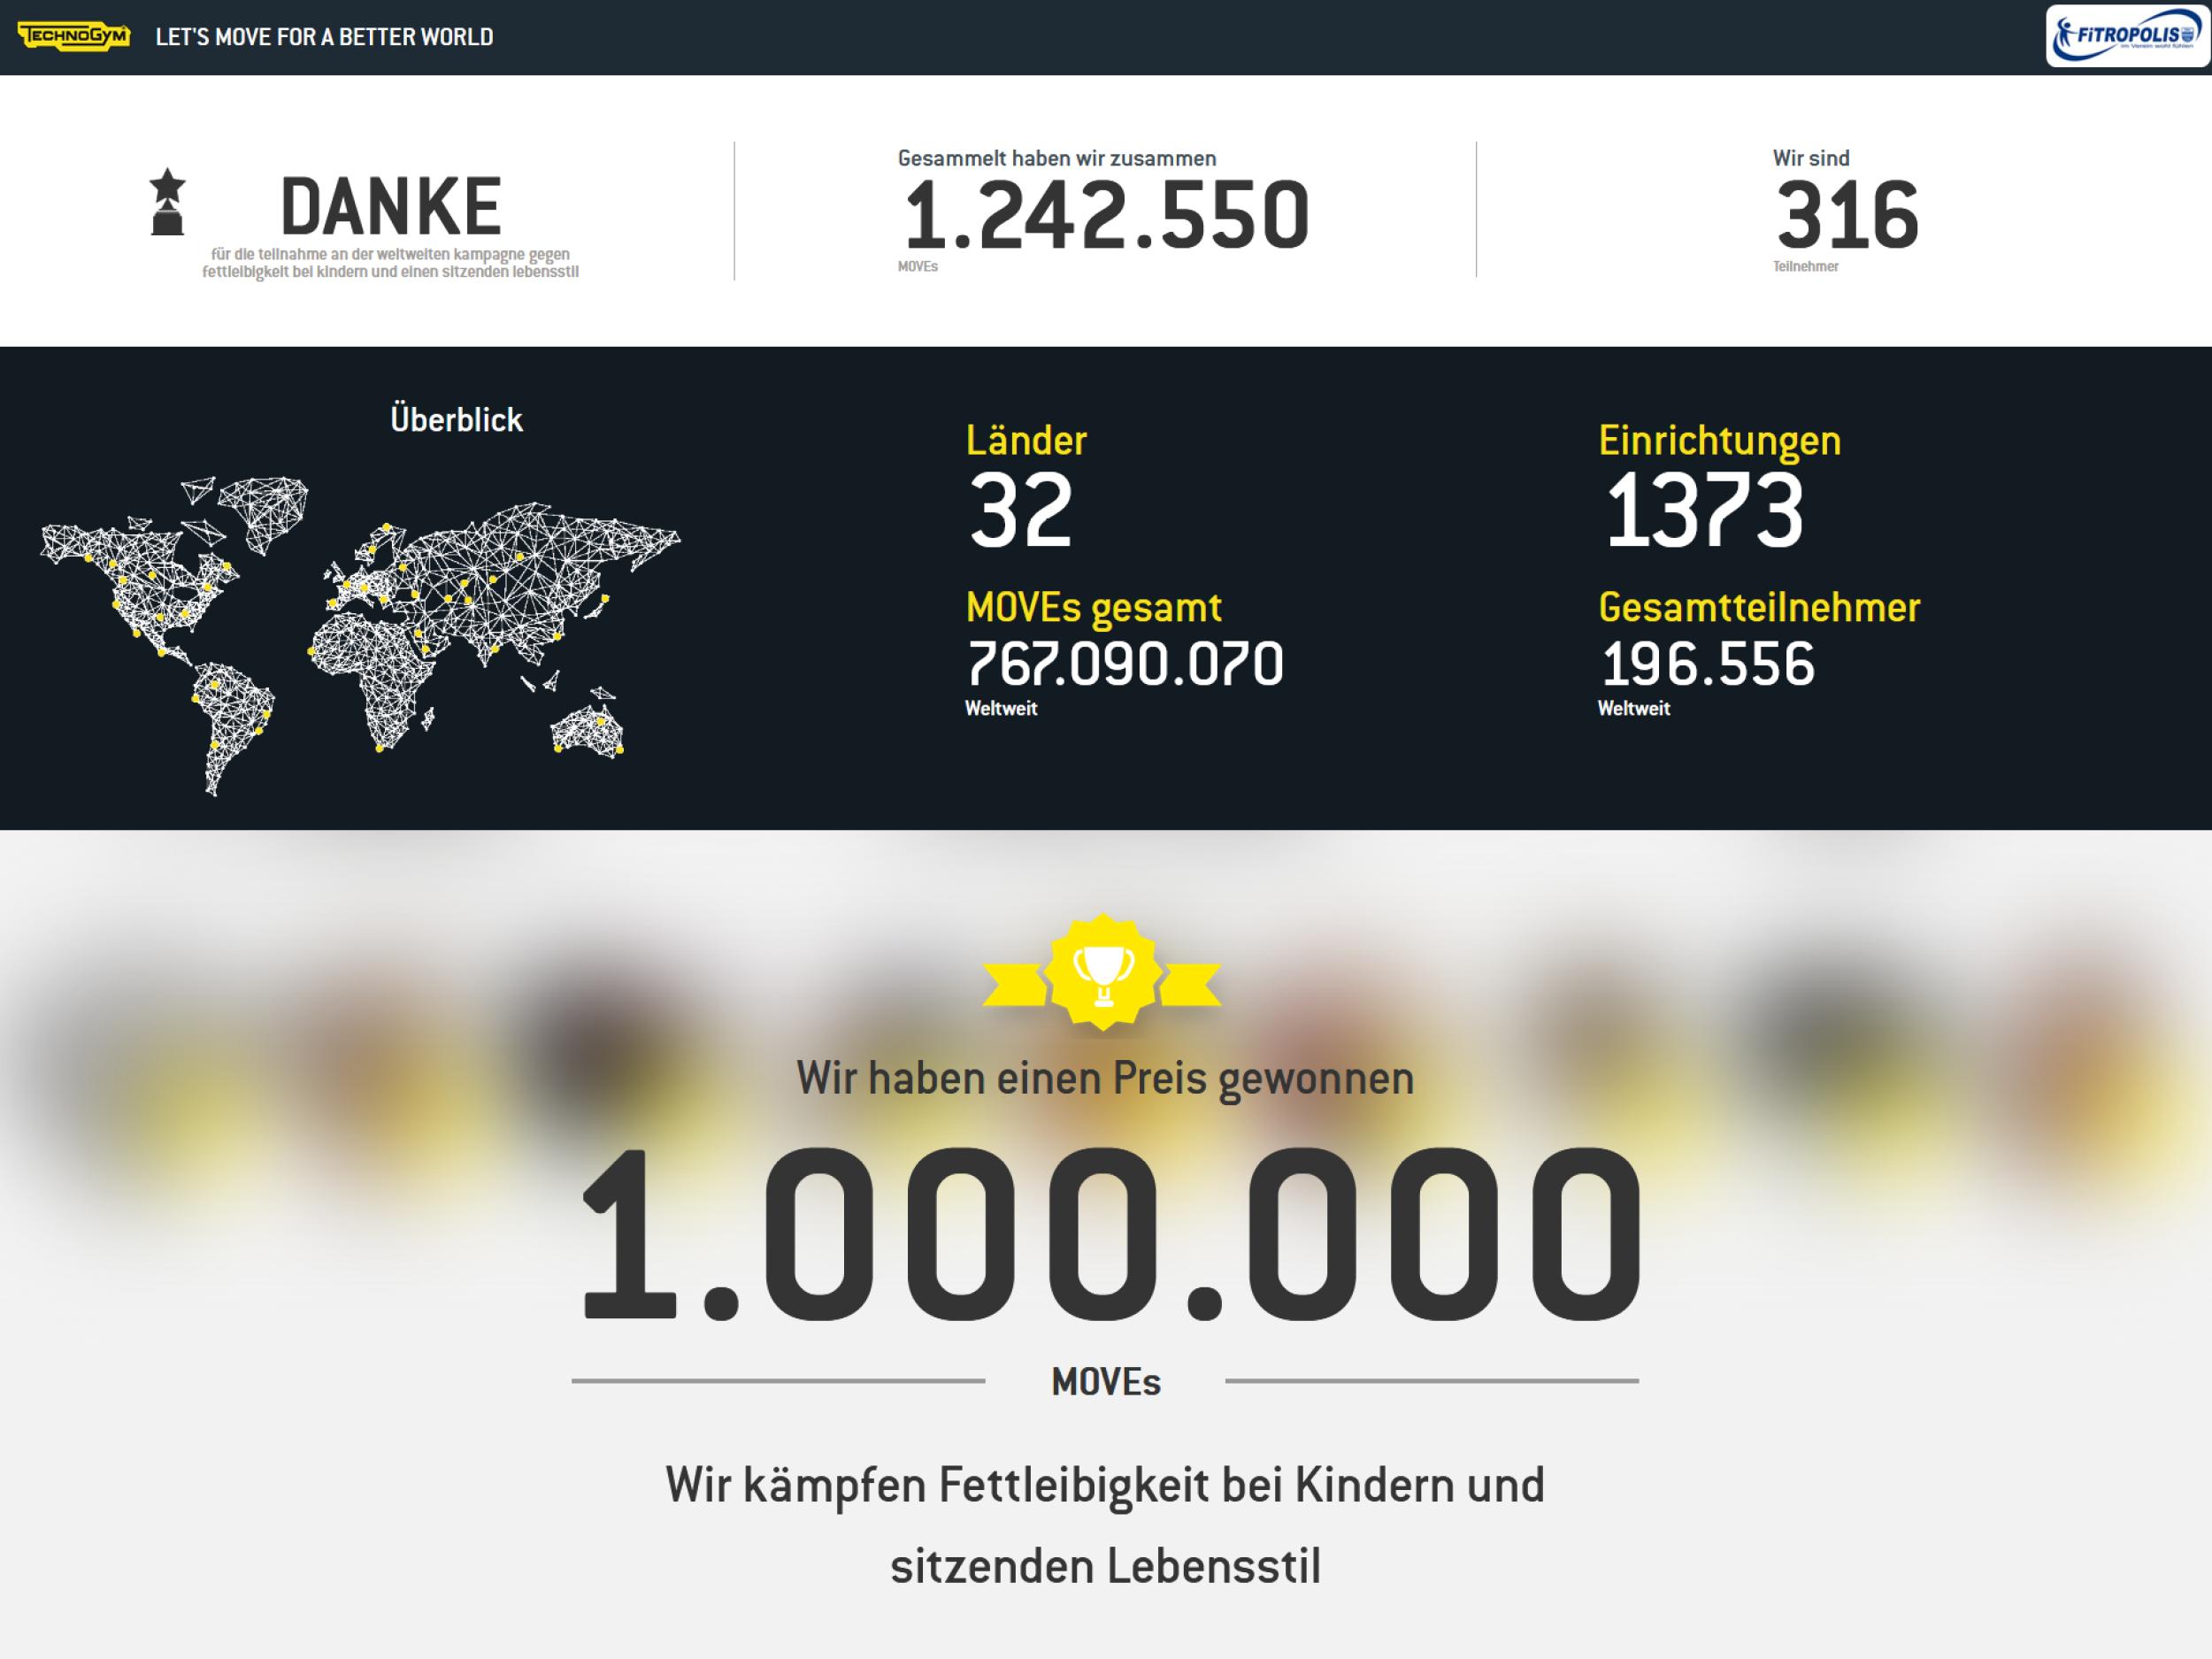 316 Teilnehmer Und über 1 Mio. Moves